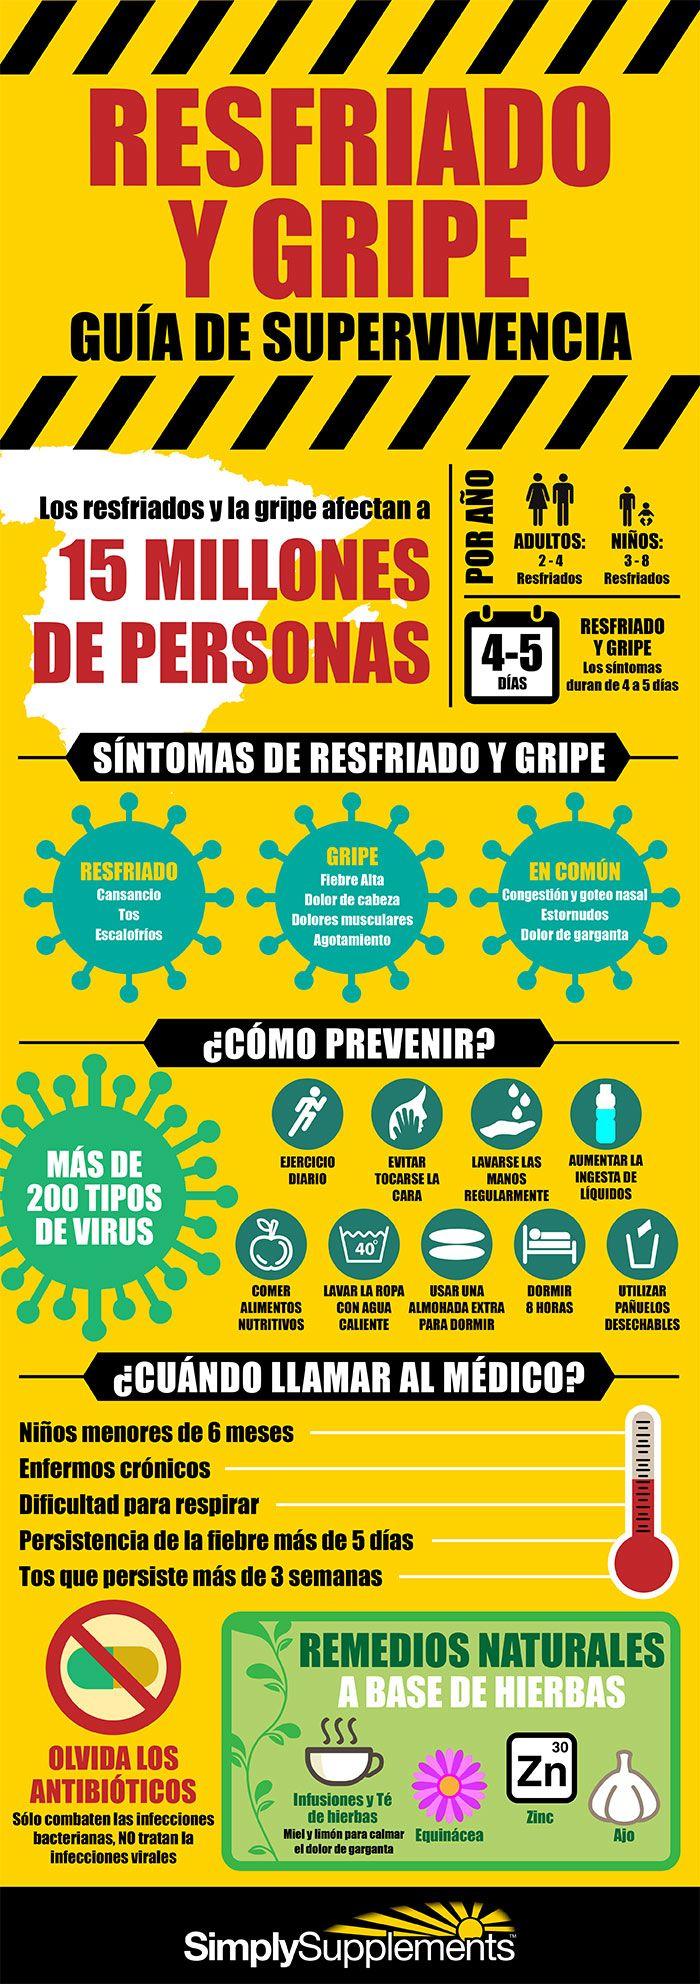 Guia de supervivencia para #gripe y #resfriado